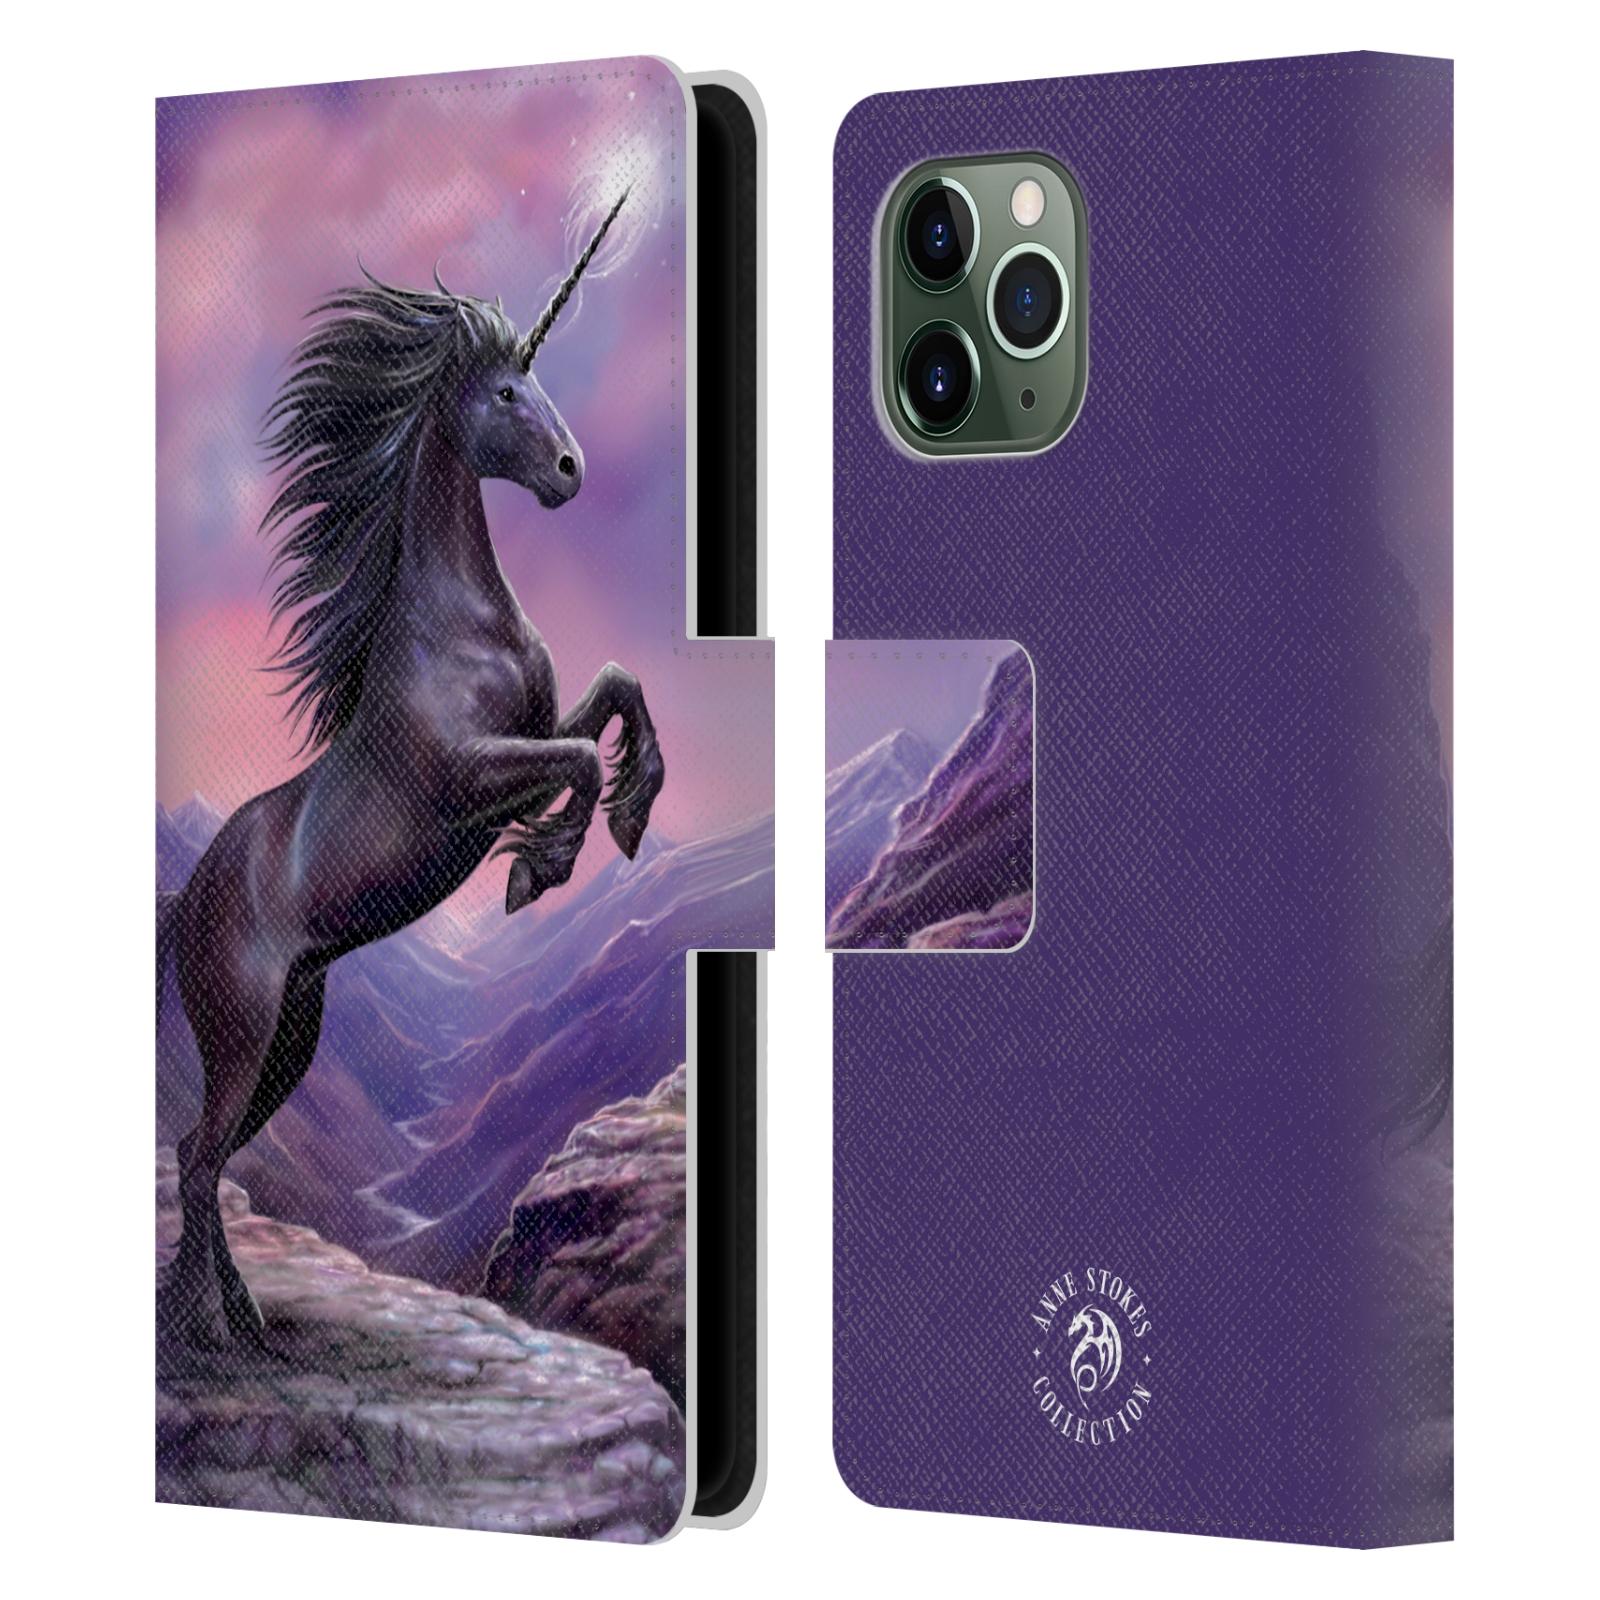 Pouzdro na mobil Apple Iphone 11 PRO - Head Case - fantasy - černý jednorožec